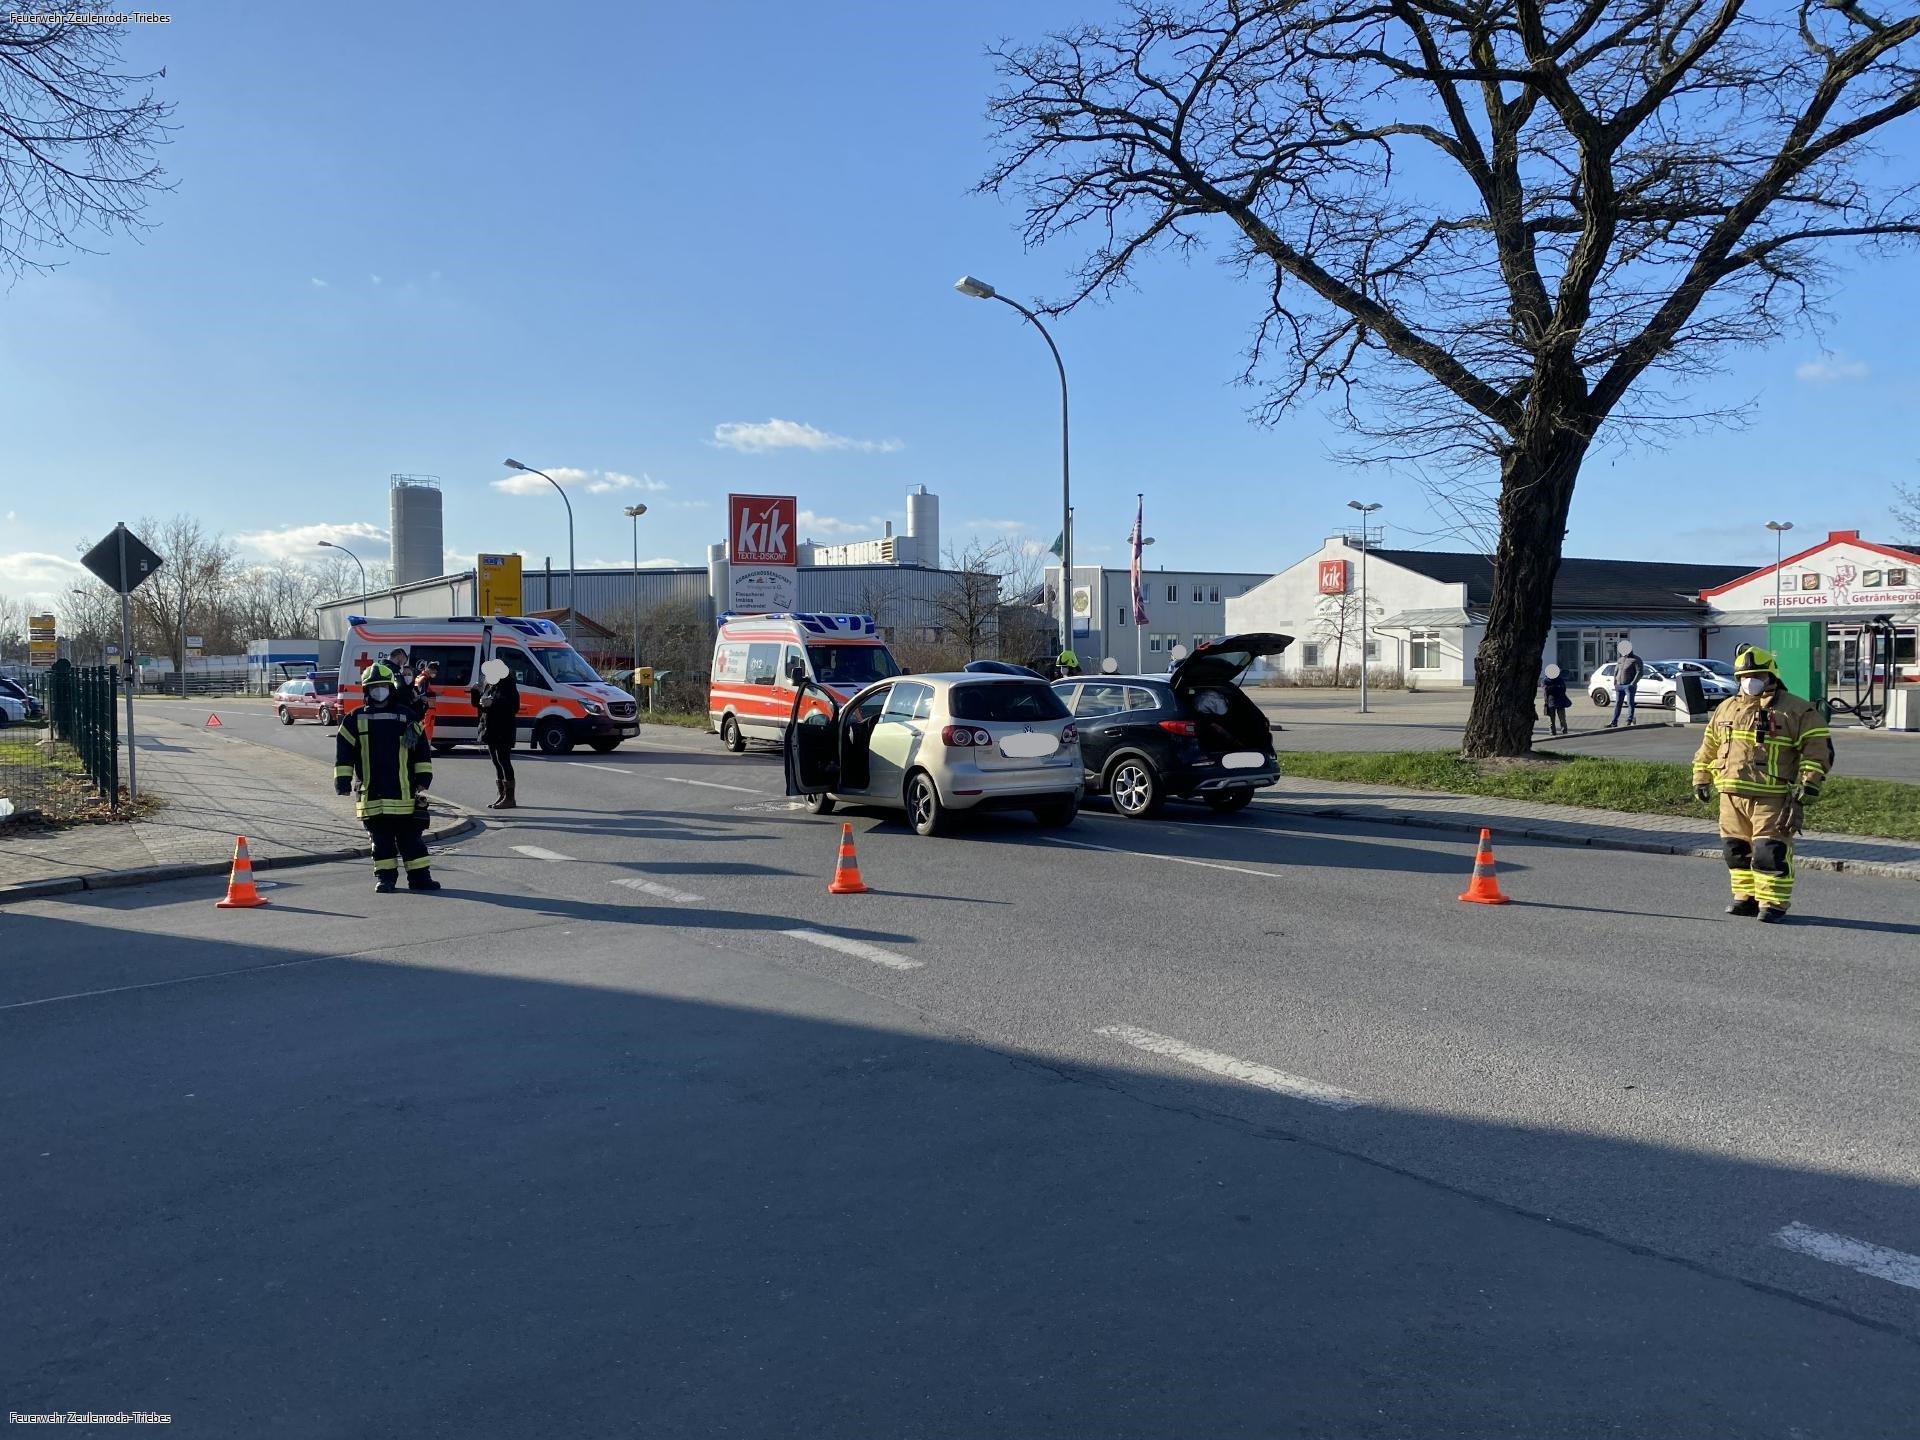 Vollsperrung nach Unfall auf Bundesstraße 94 im KreisGreiz